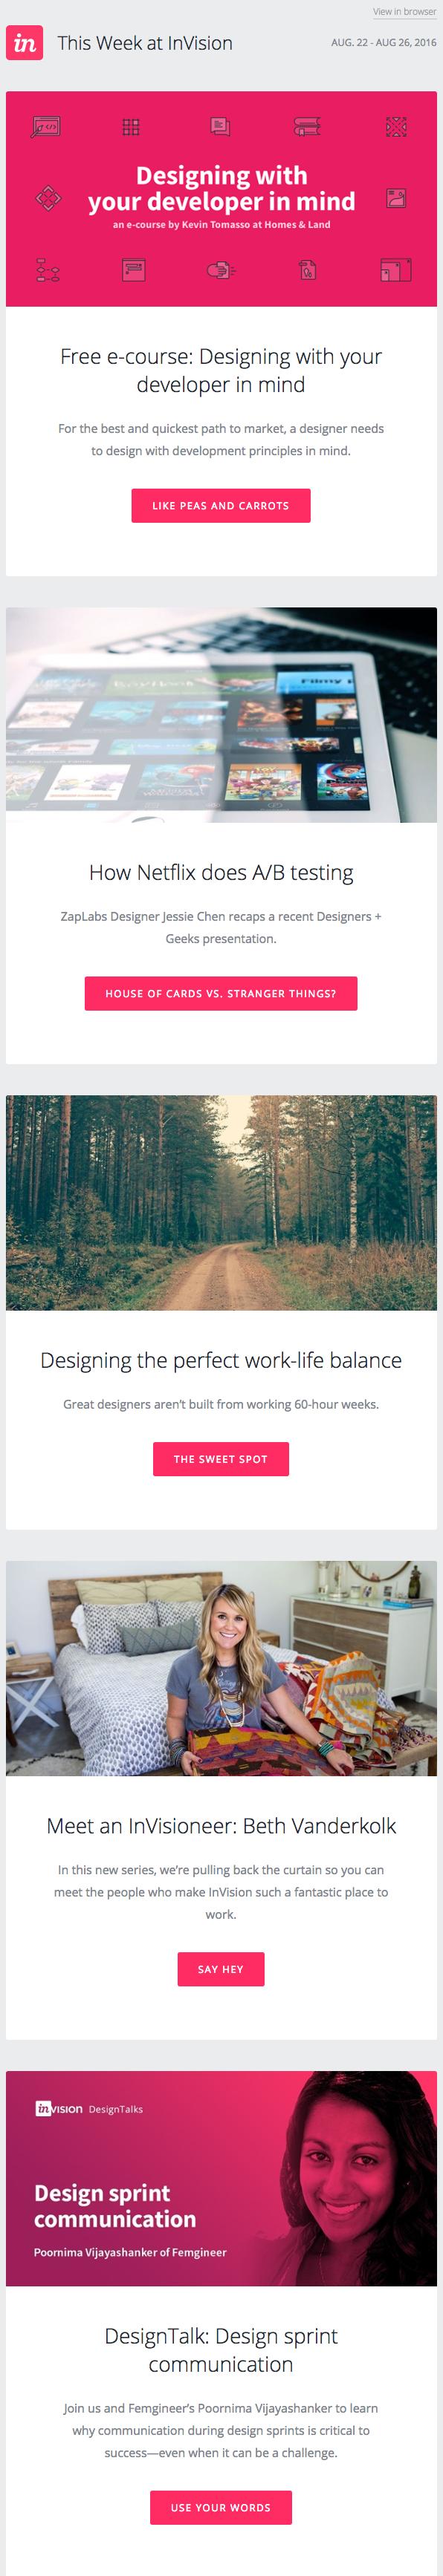 Beispiele herausragender E-Mail-Marketing-Kampagnen – InVision